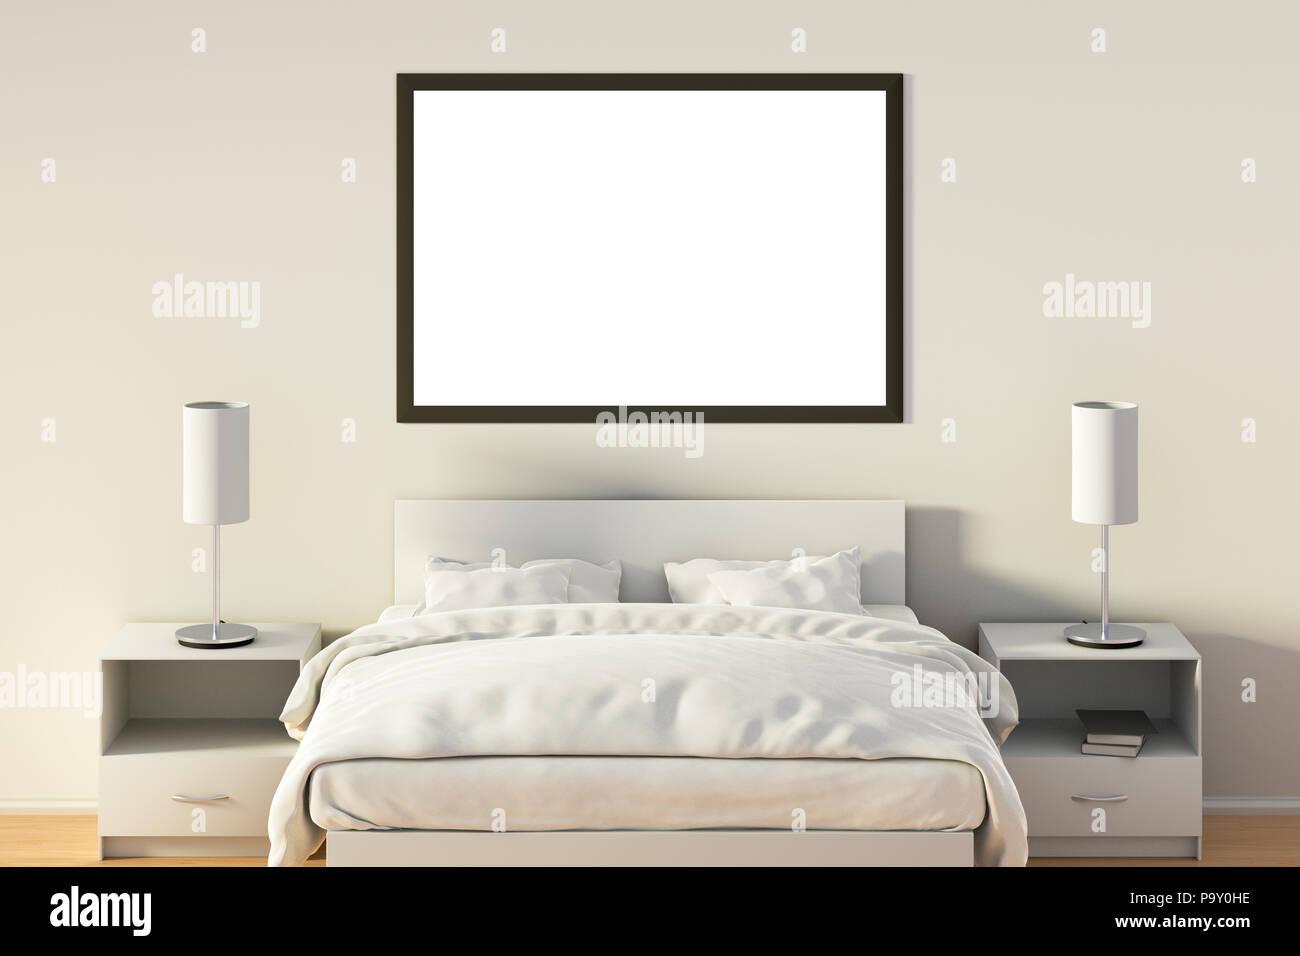 Leere horizontale Poster im Schlafzimmer über weißen Bett. Mit ...